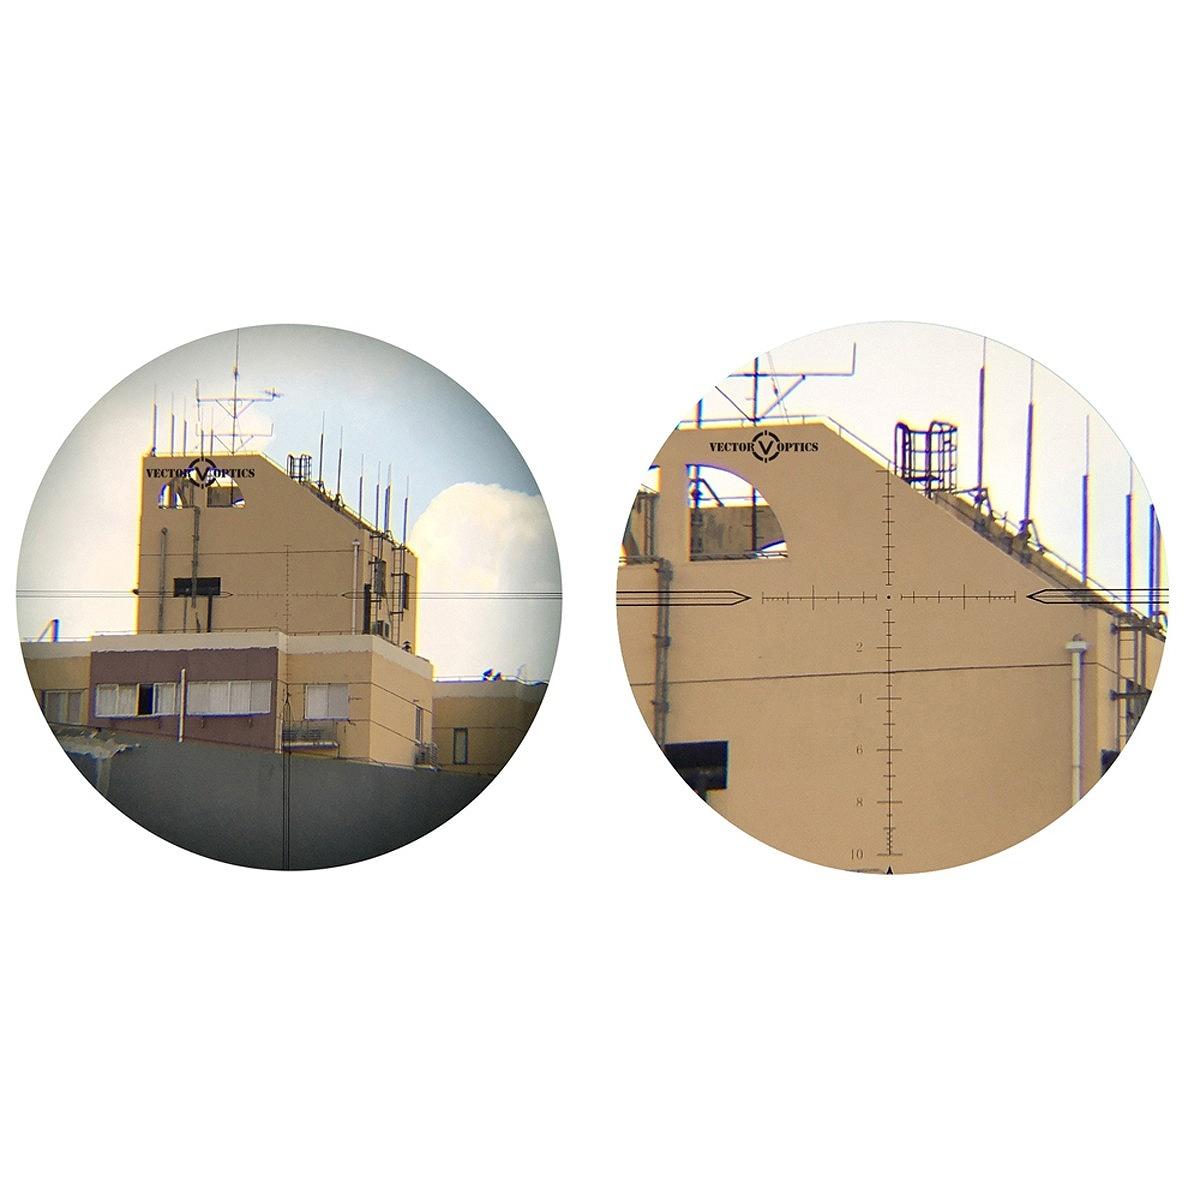 ベクターオプティクス ライフルスコープ Taurus 5-30x56  Vector Optics SCFF-14